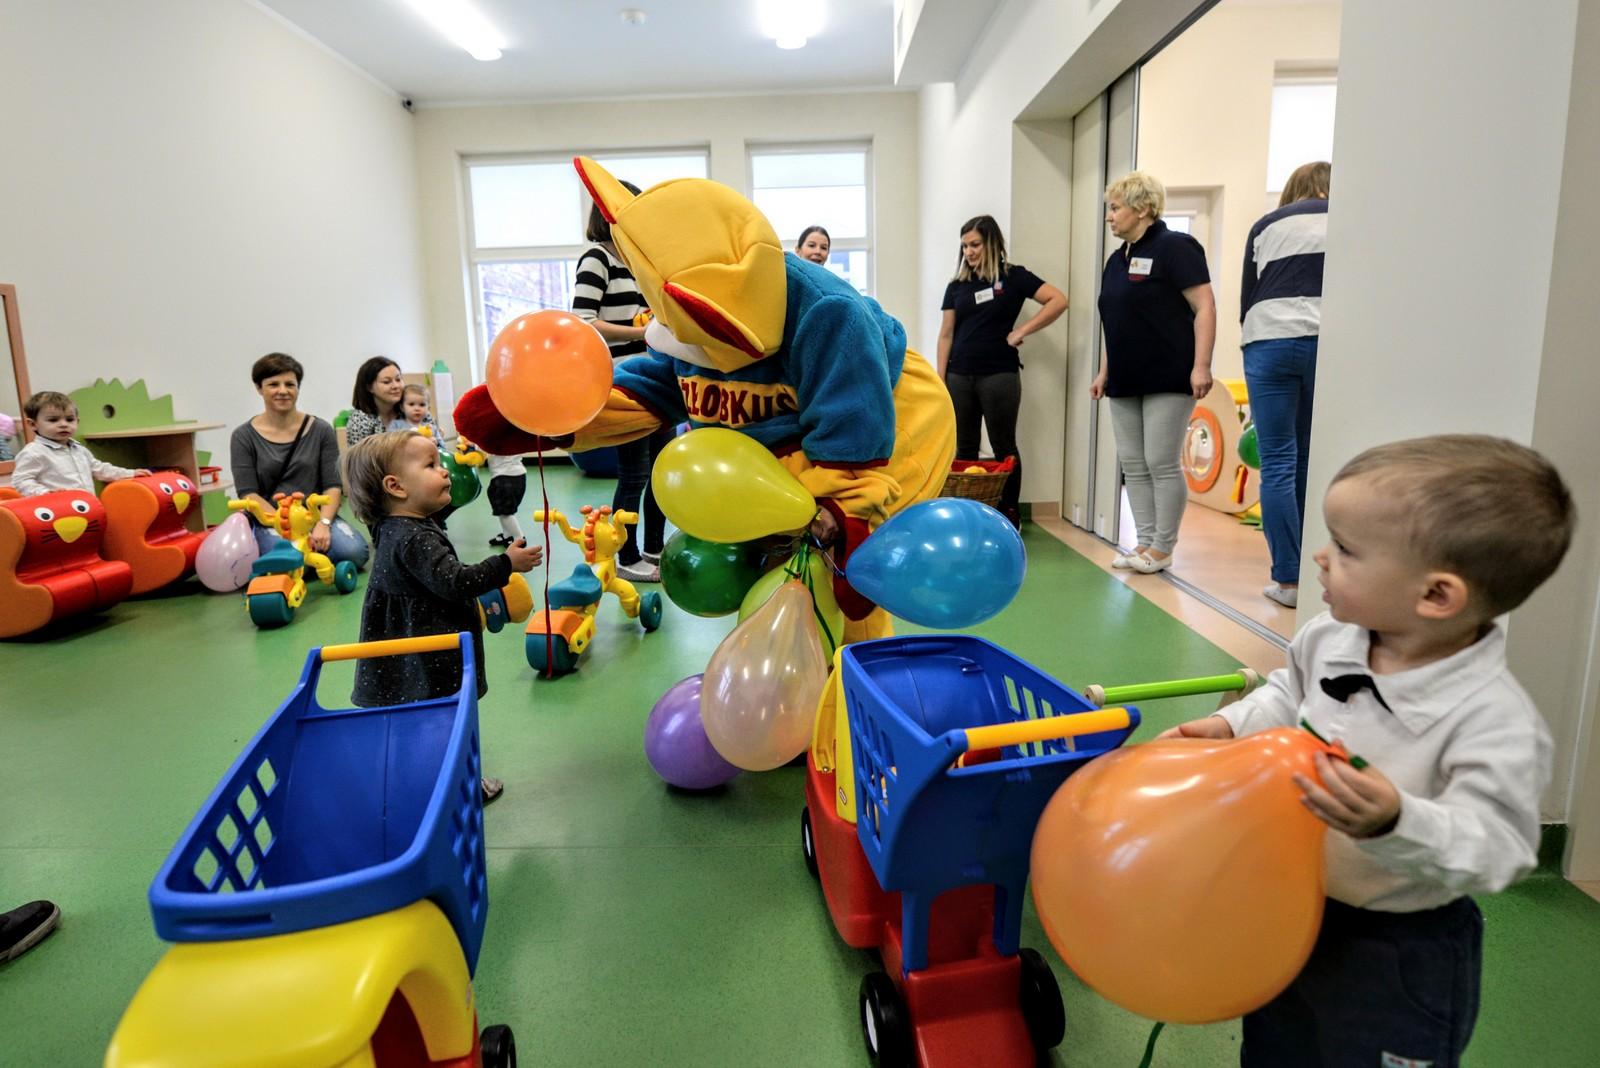 Obecnie stolica zapewnia blisko 6500 miejsc dla najmłodszych warszawiaków w żłobkach. (fot. UM Warszawa)